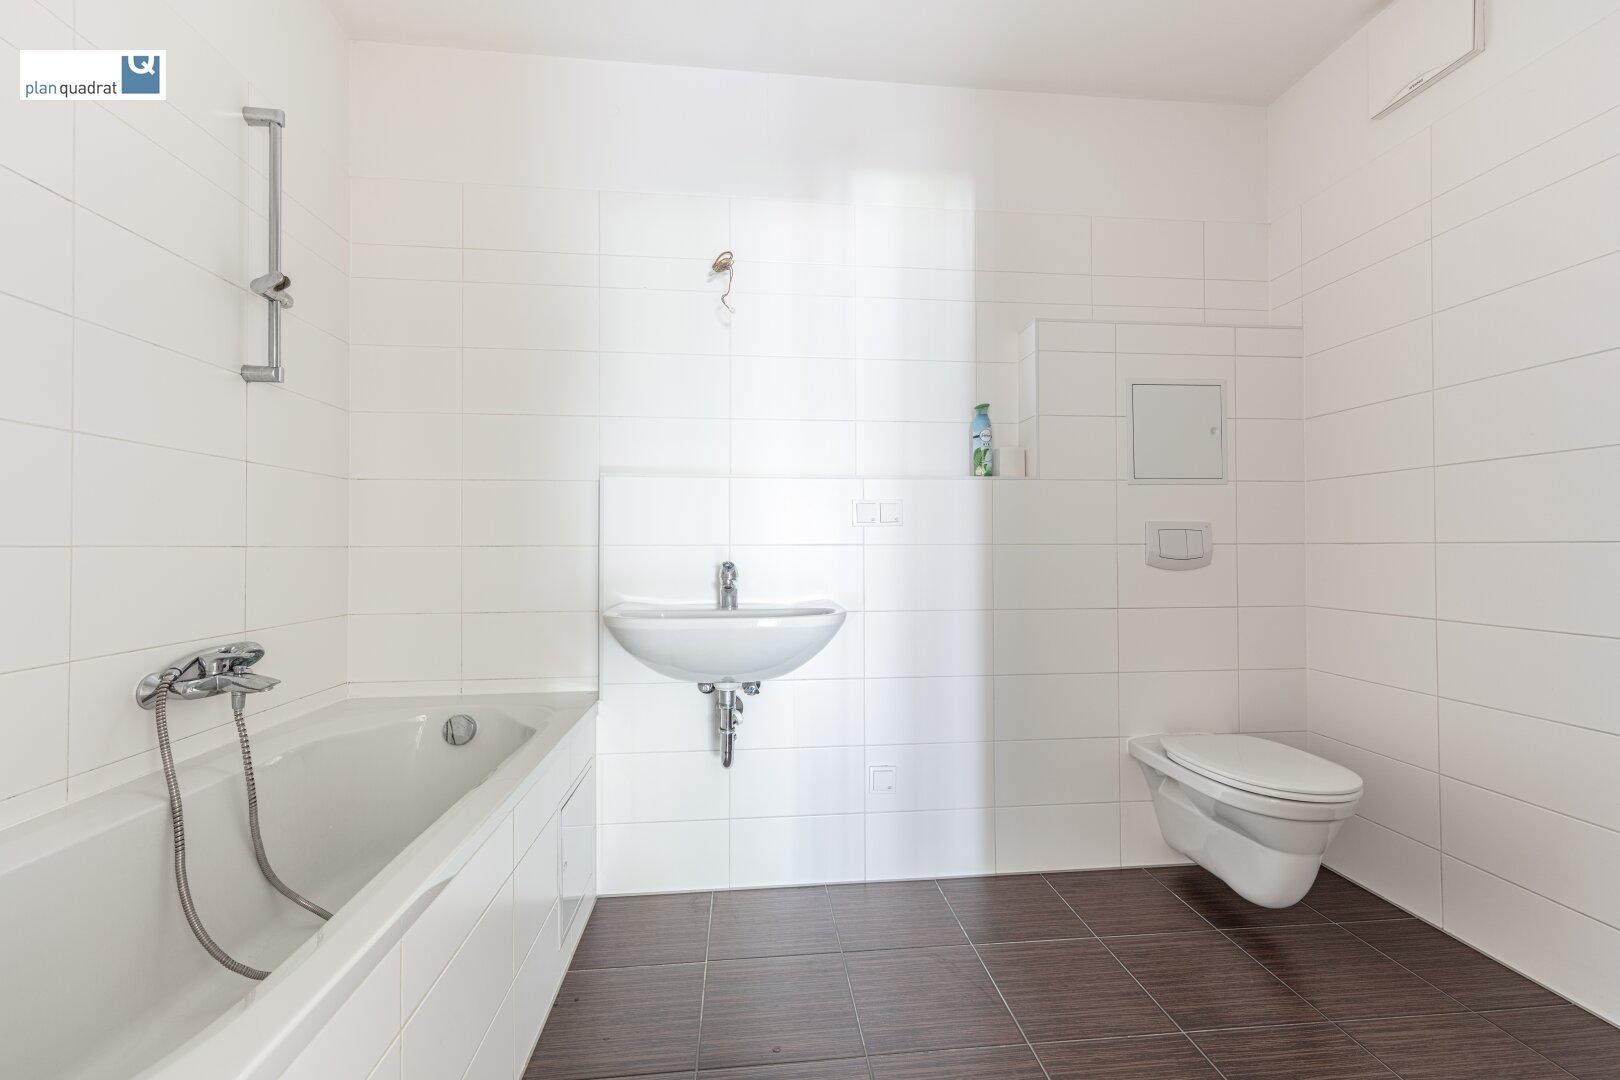 Badezimmer (ca. 5,70 m²) mit Waschbecken, Badewanne, Toilette und Wa-Ma-Anschluss